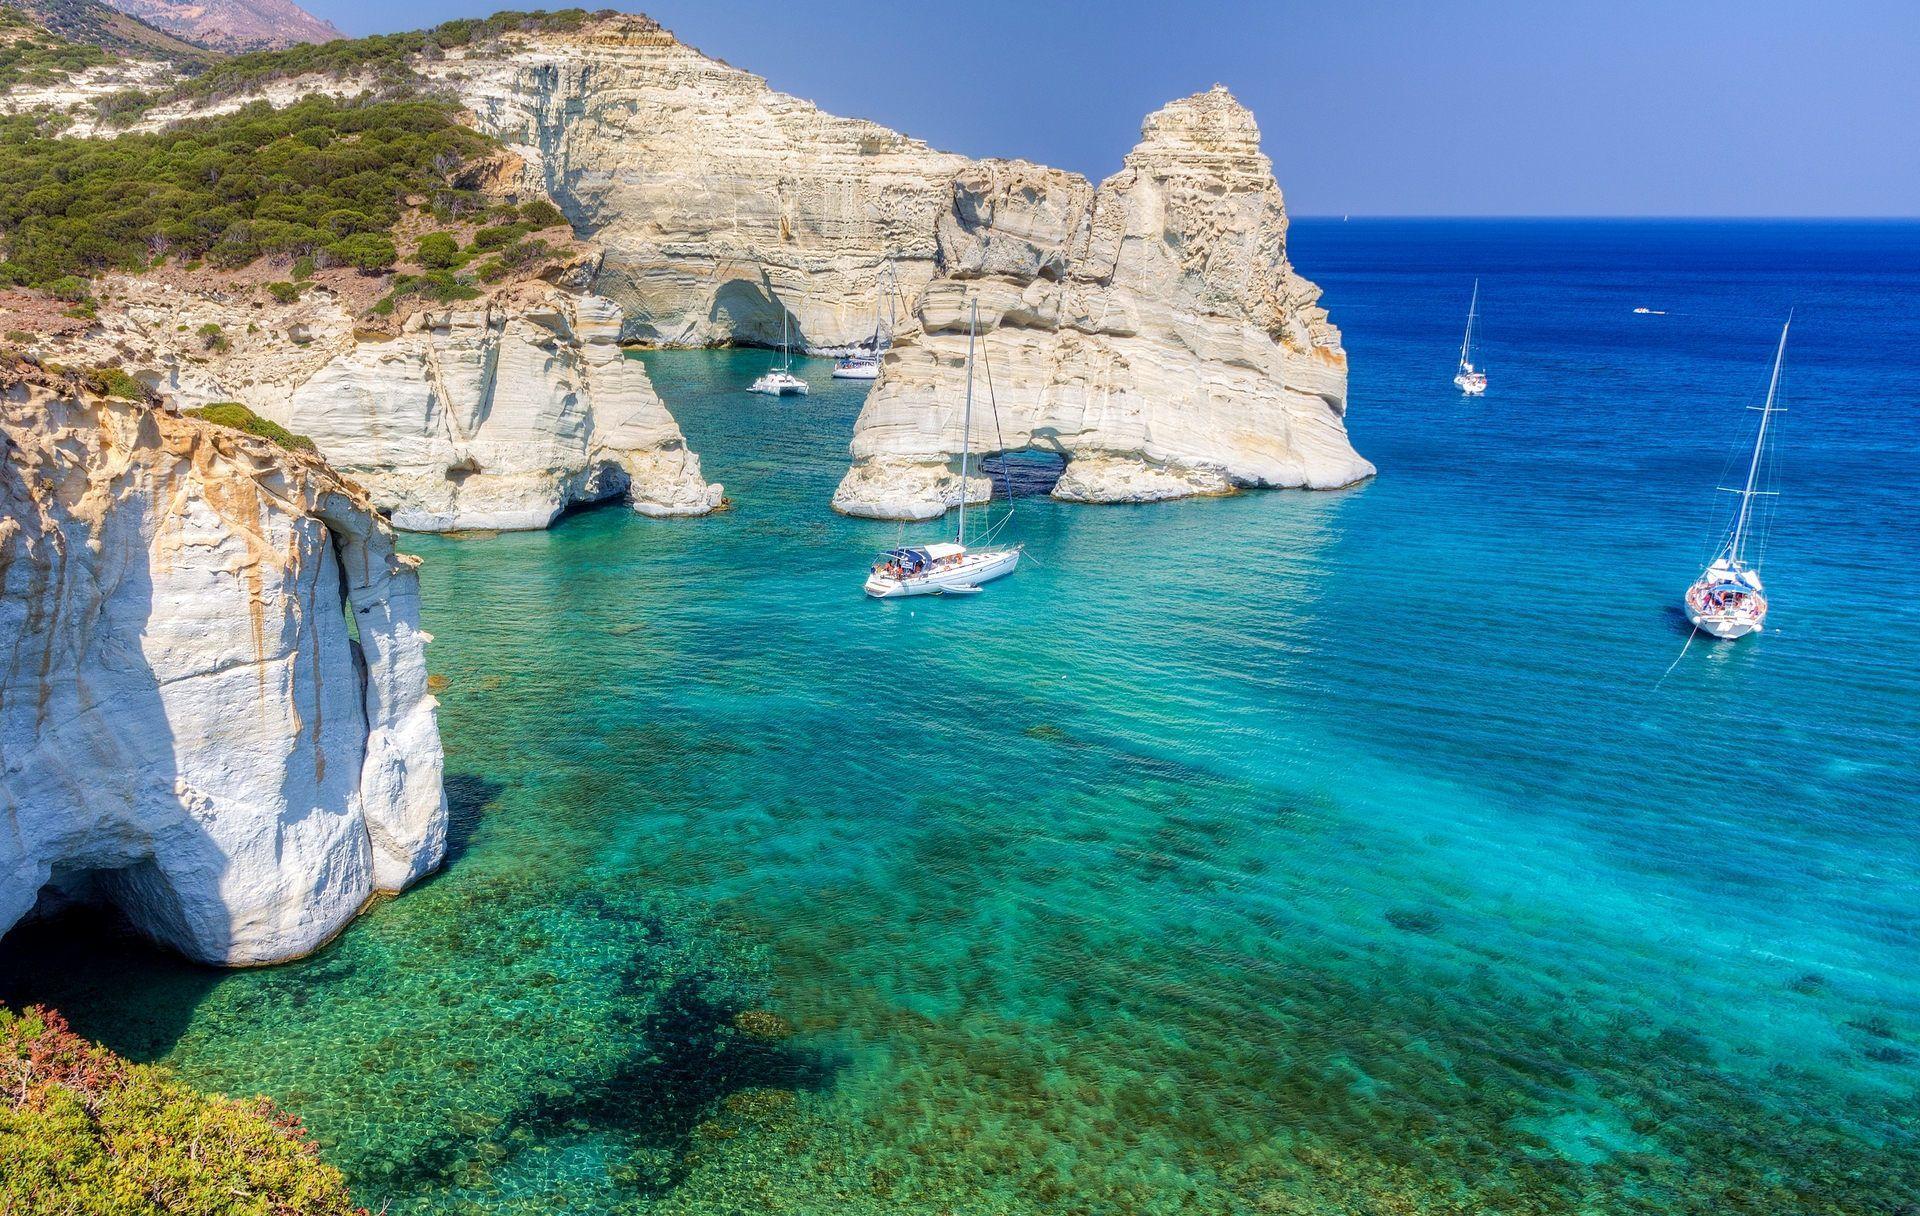 Milos, Grecia: La guía de viaje completa a la isla griega más subestimada